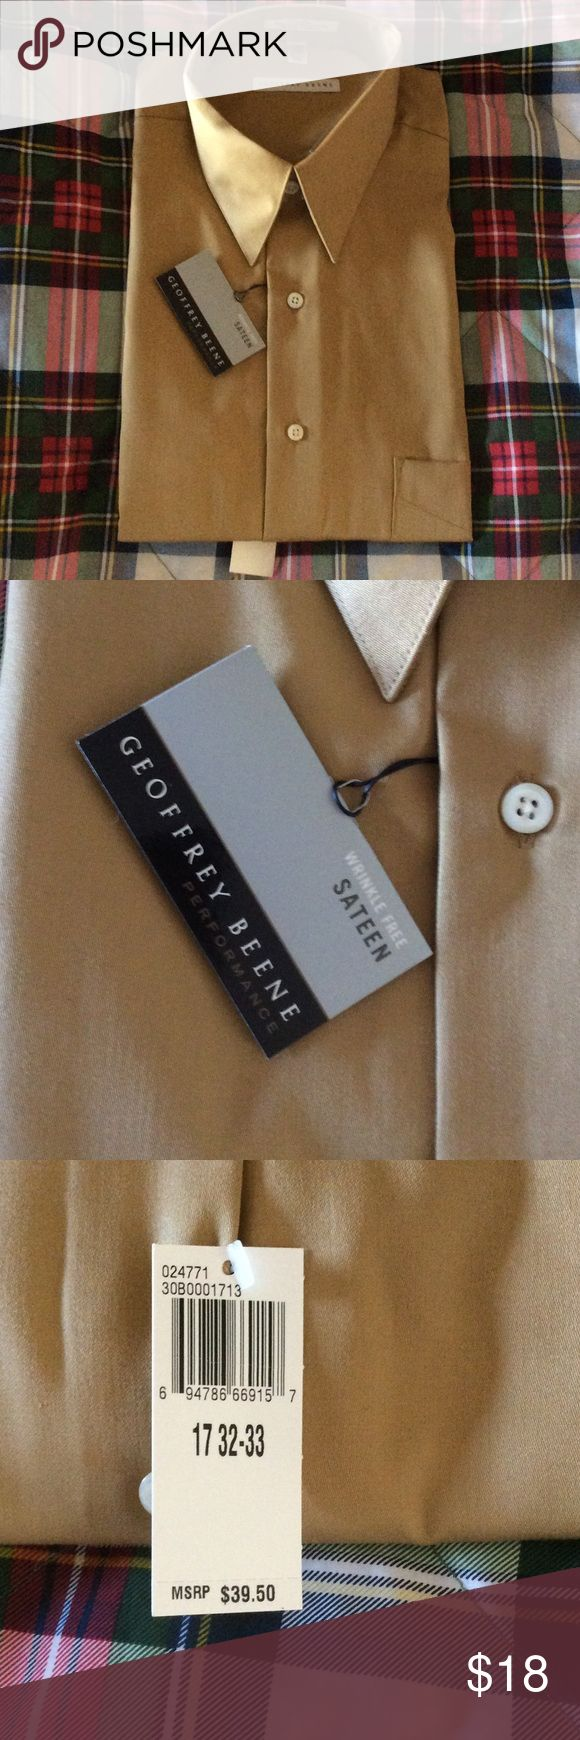 NWT Geoffrey Beene Wrinkle Free Sateen dress shirt Camel/gold tone brand new men's dress shirt wrinkle free sateen. Size 17 length 32/33 Geoffrey Beene Shirts Dress Shirts